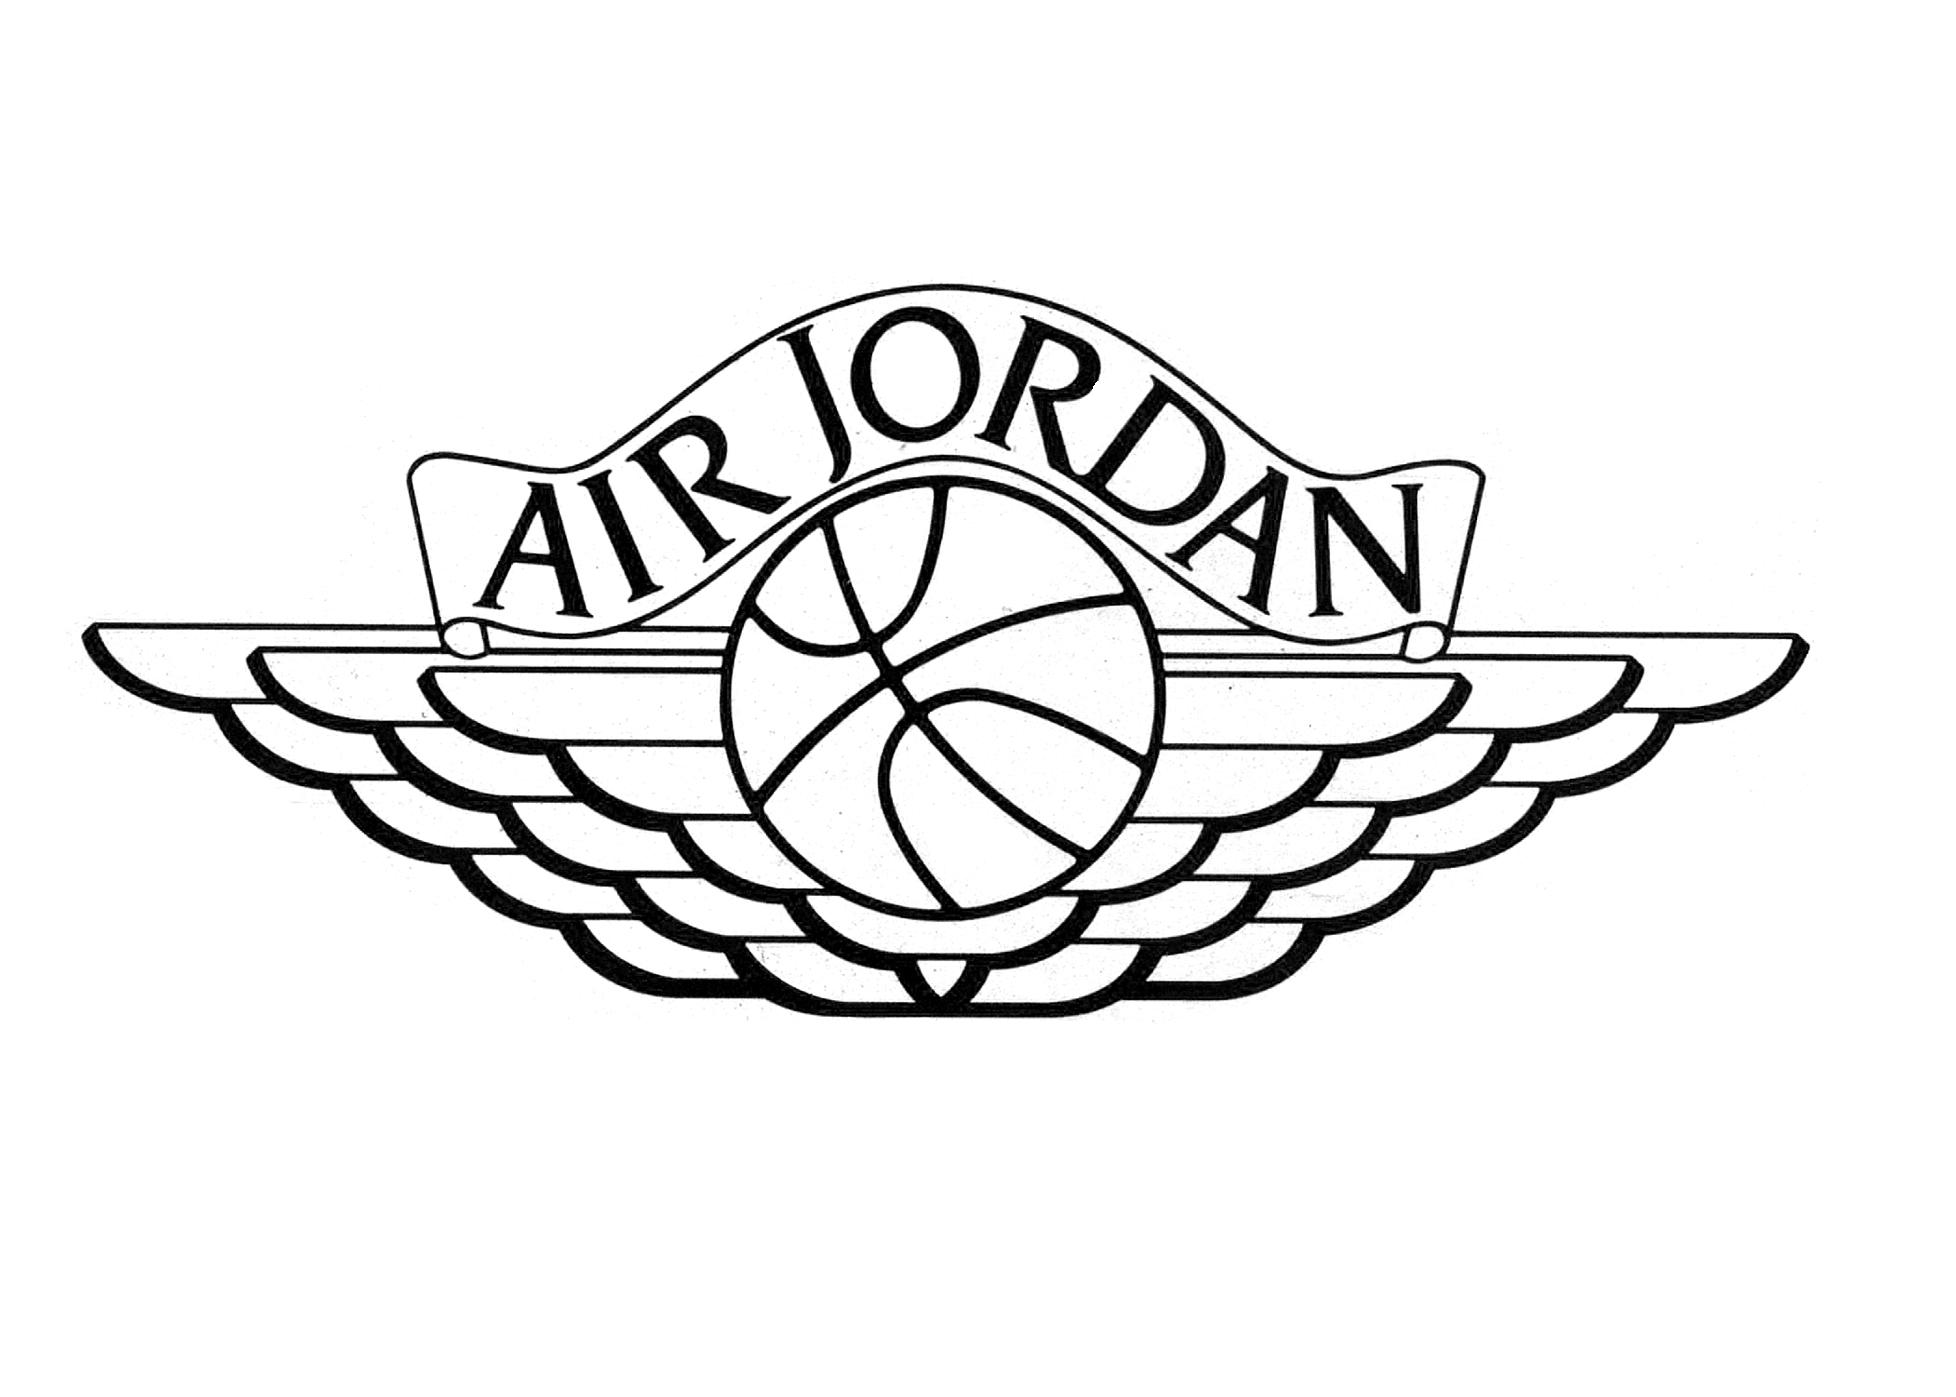 Air Jordan Images Logo Original